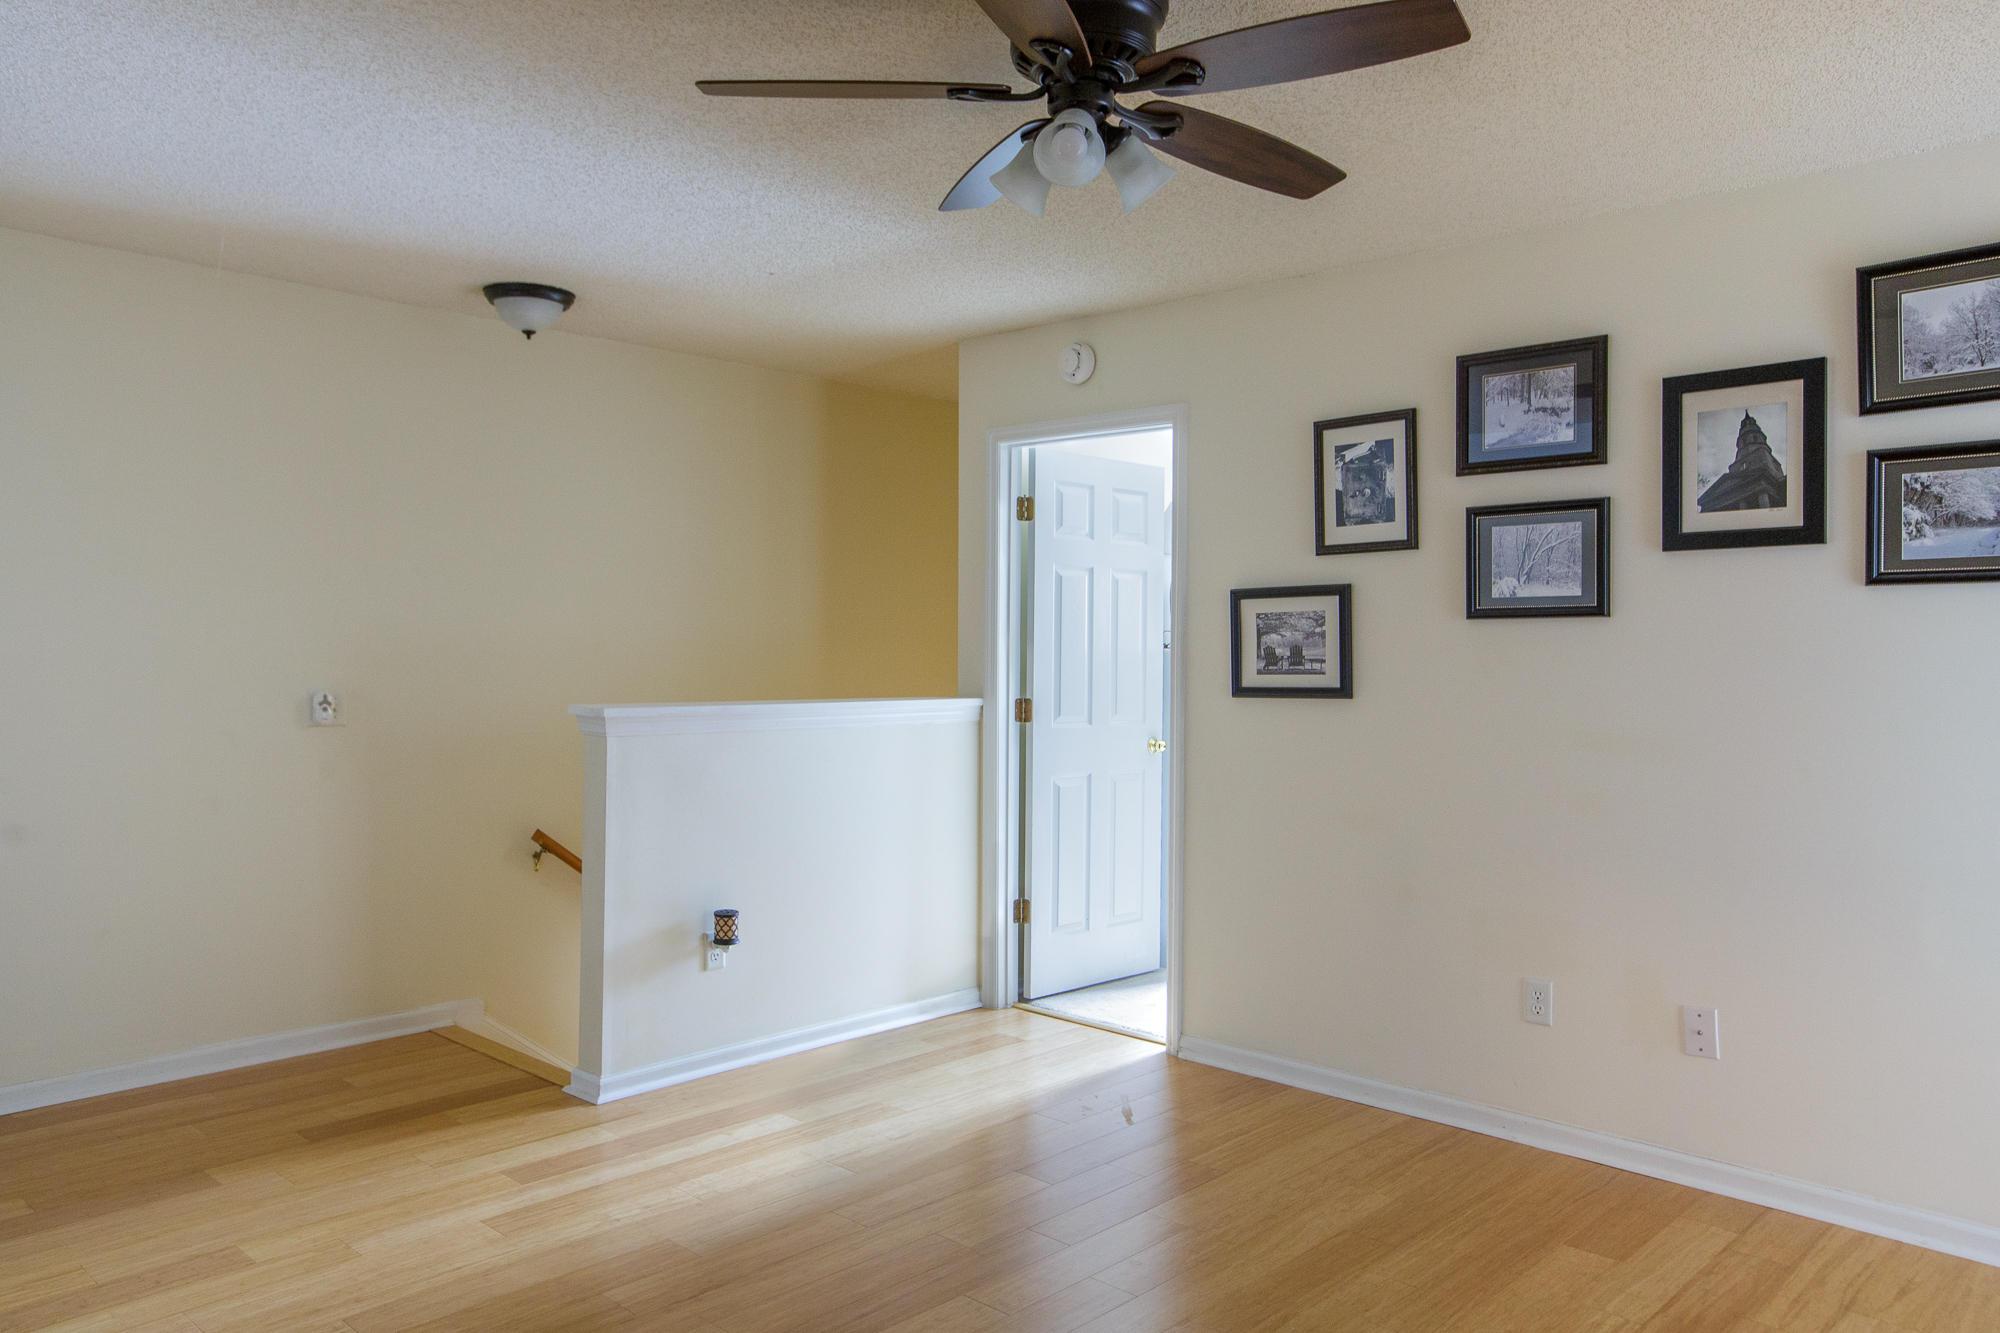 Hawthorne Place Homes For Sale - 347 Cohen, Ladson, SC - 23